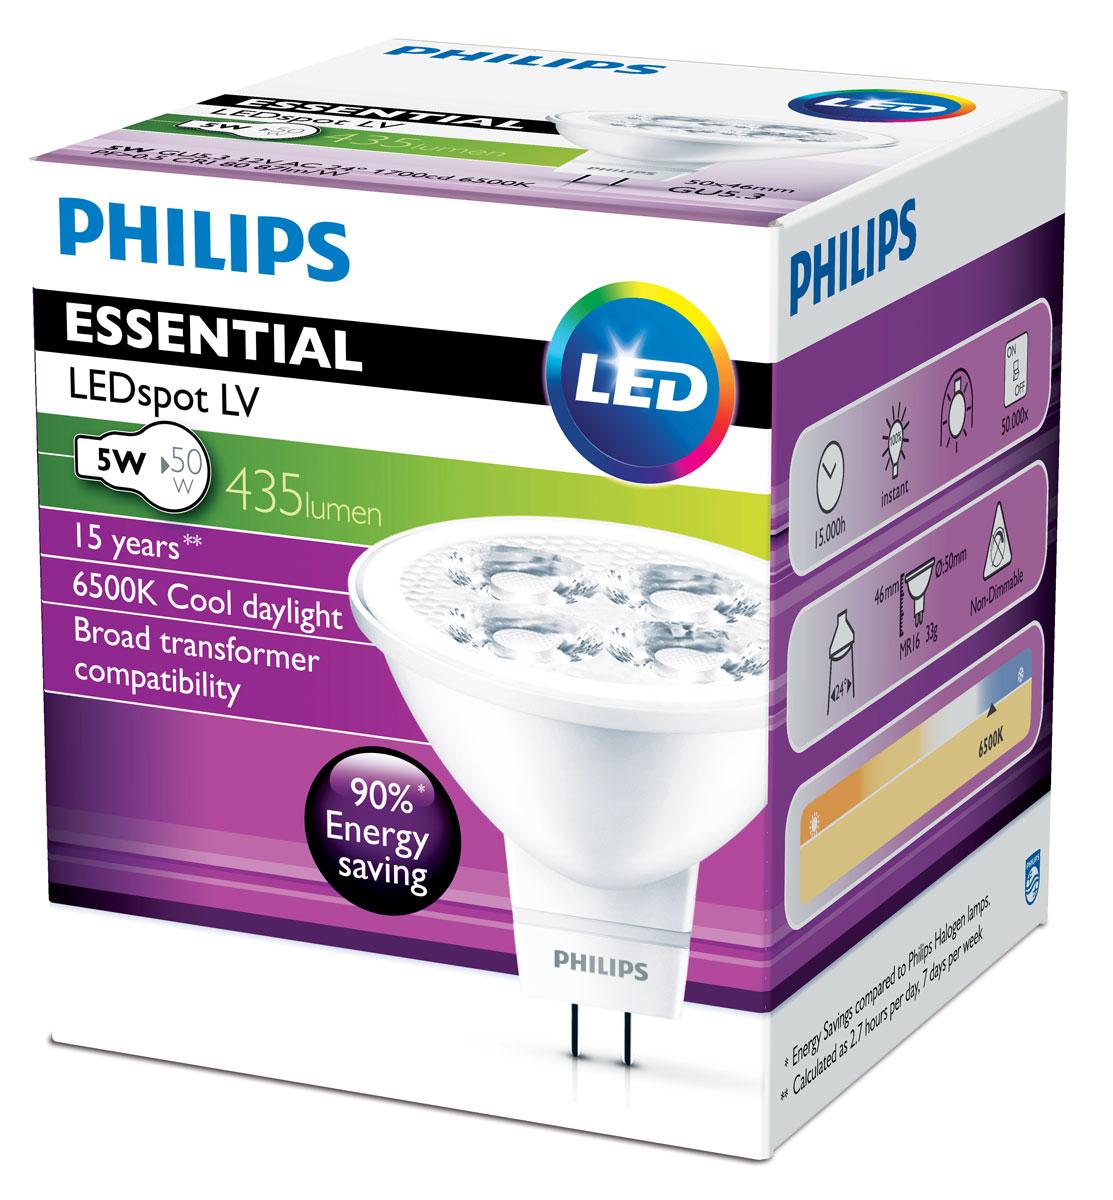 Светодиодные лампы акцентного освещения Philips создают яркий направленный световой луч, отличаются долгим сроком службы и высокими характеристиками энергосбережения.